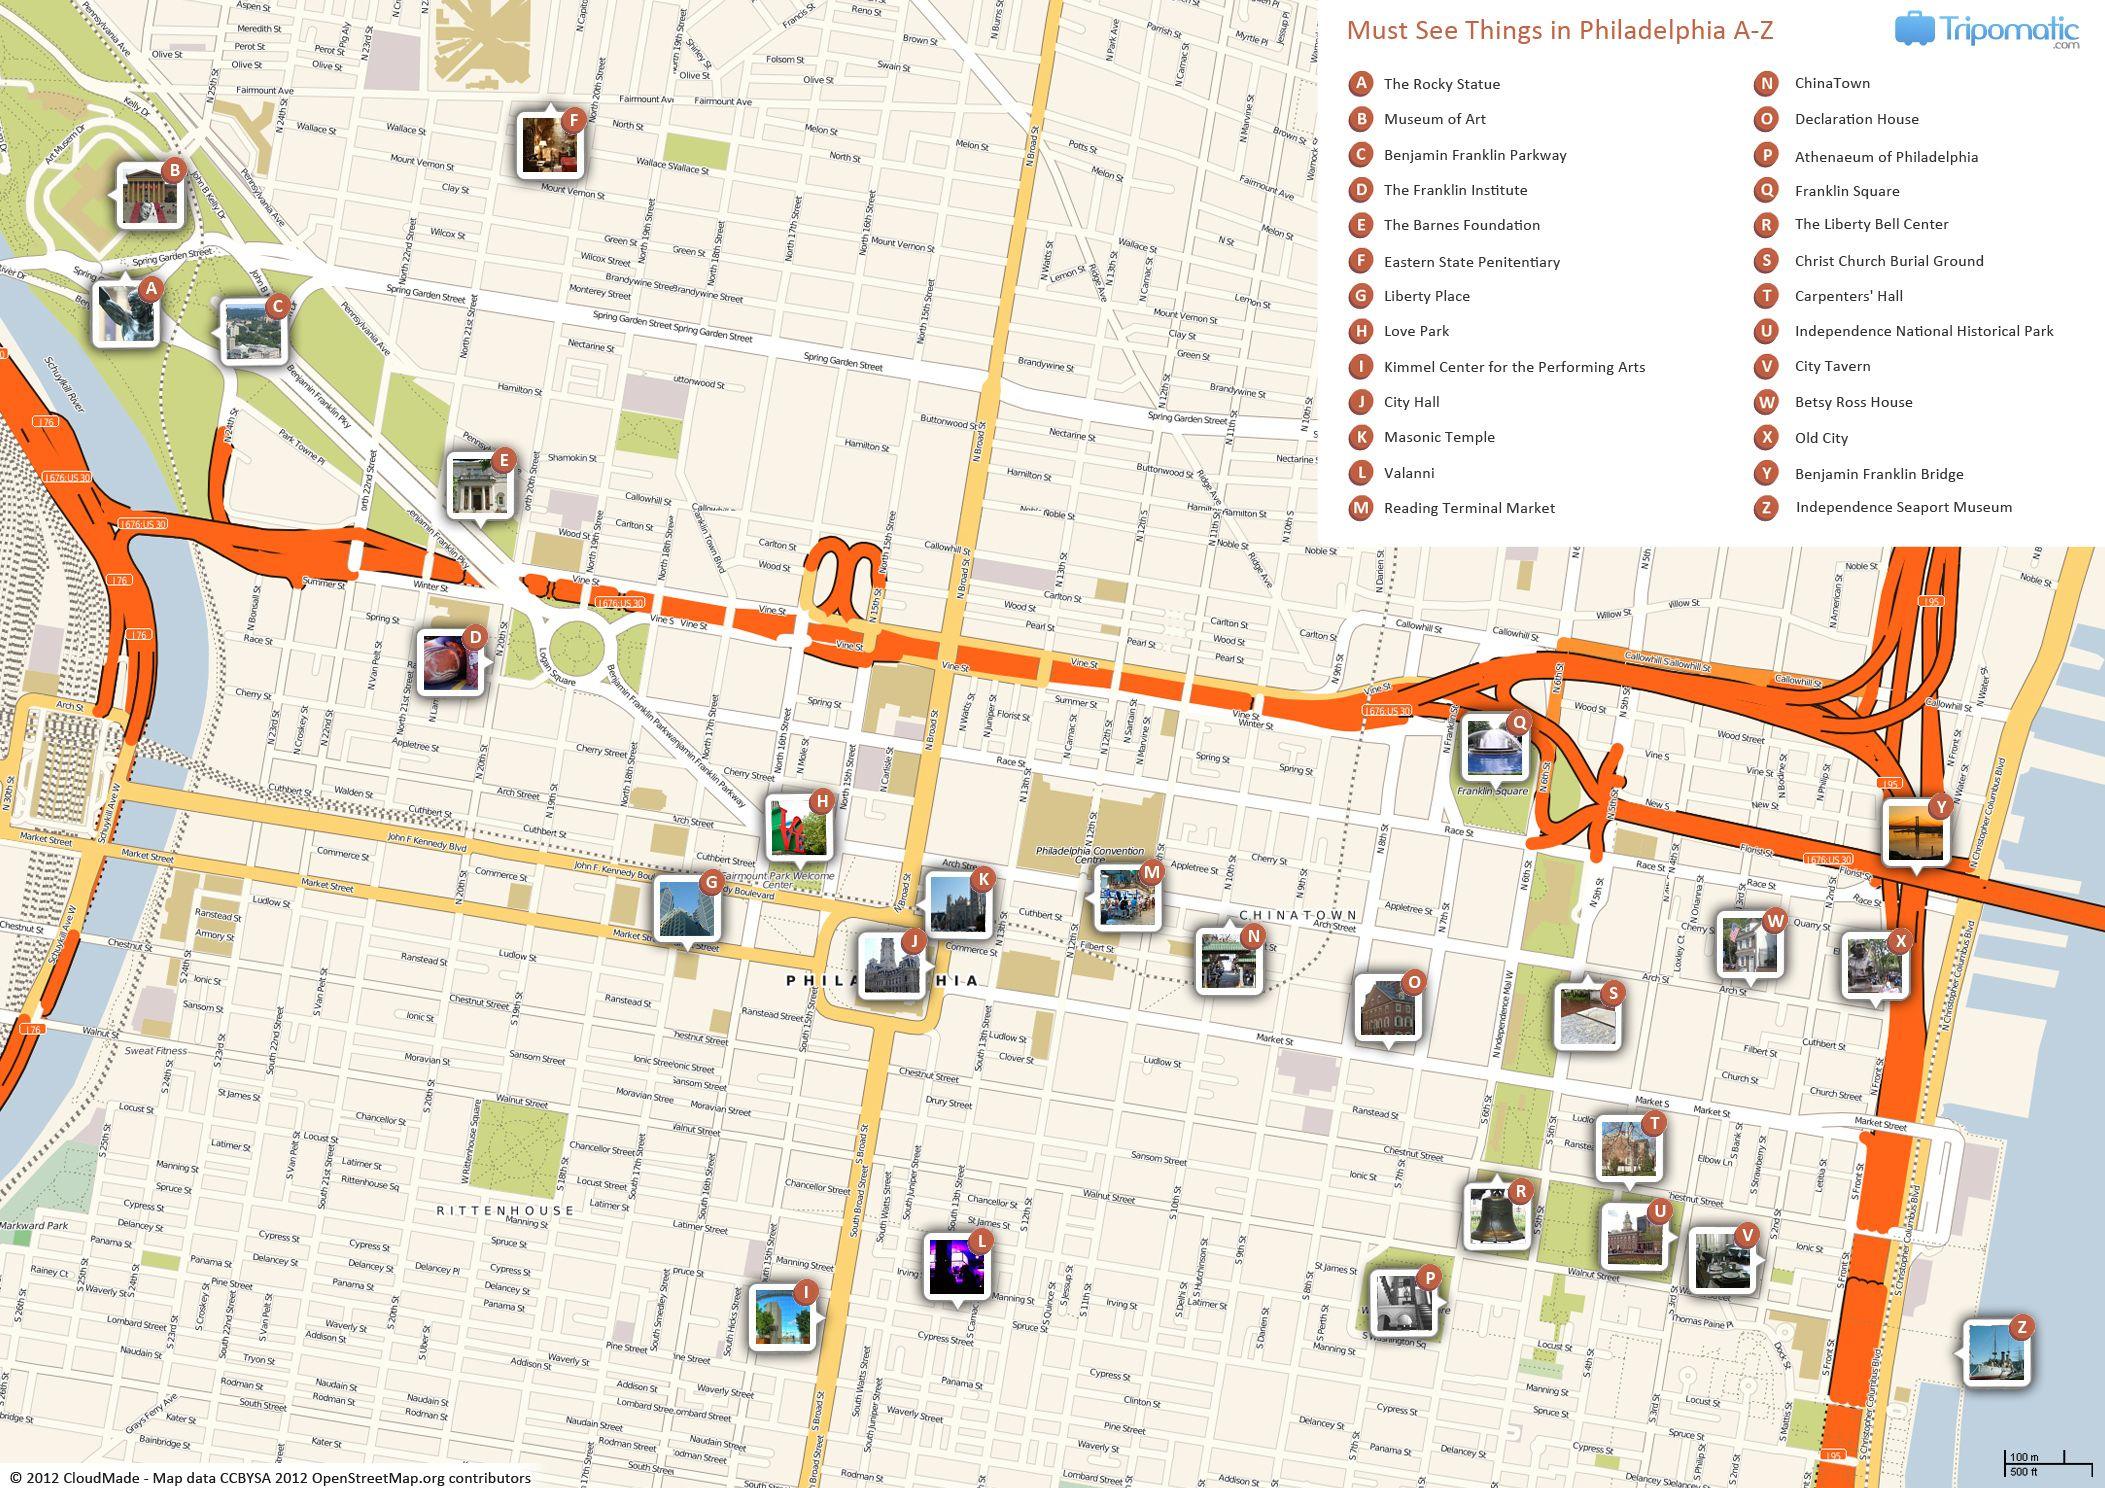 Philadelphia Printable Tourist Map | Free Tourist Maps - Printable Map Of Philadelphia Attractions